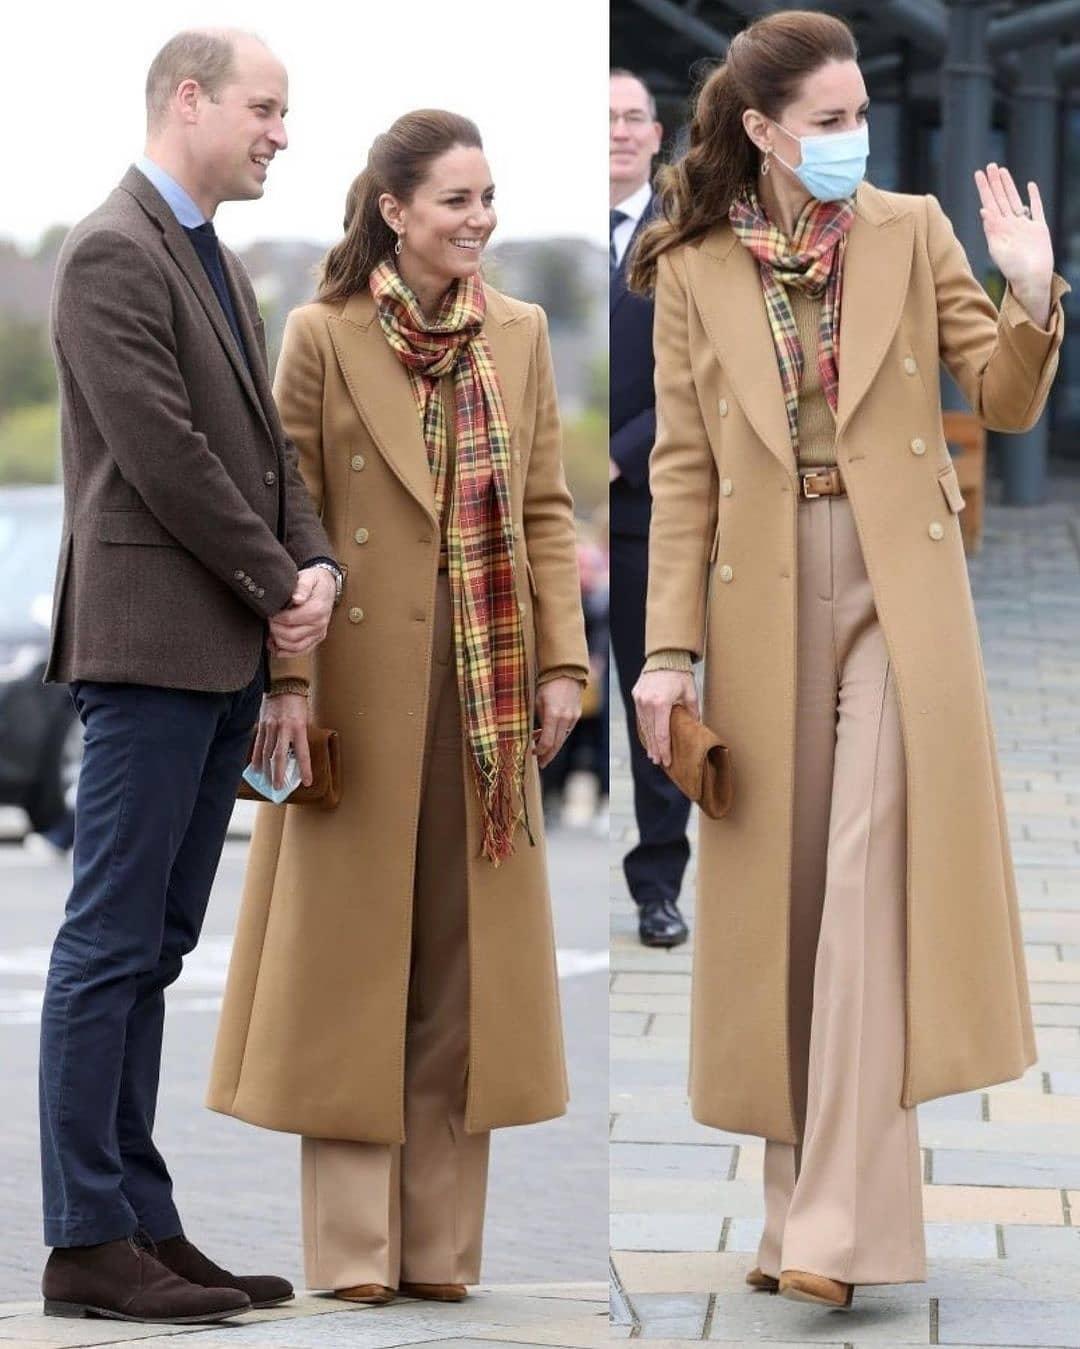 Карамельное пальто и клетчатый шарф: Кейт Миддлтон показала стильный наряд во время рабочей поездки (ФОТО) - фото №2